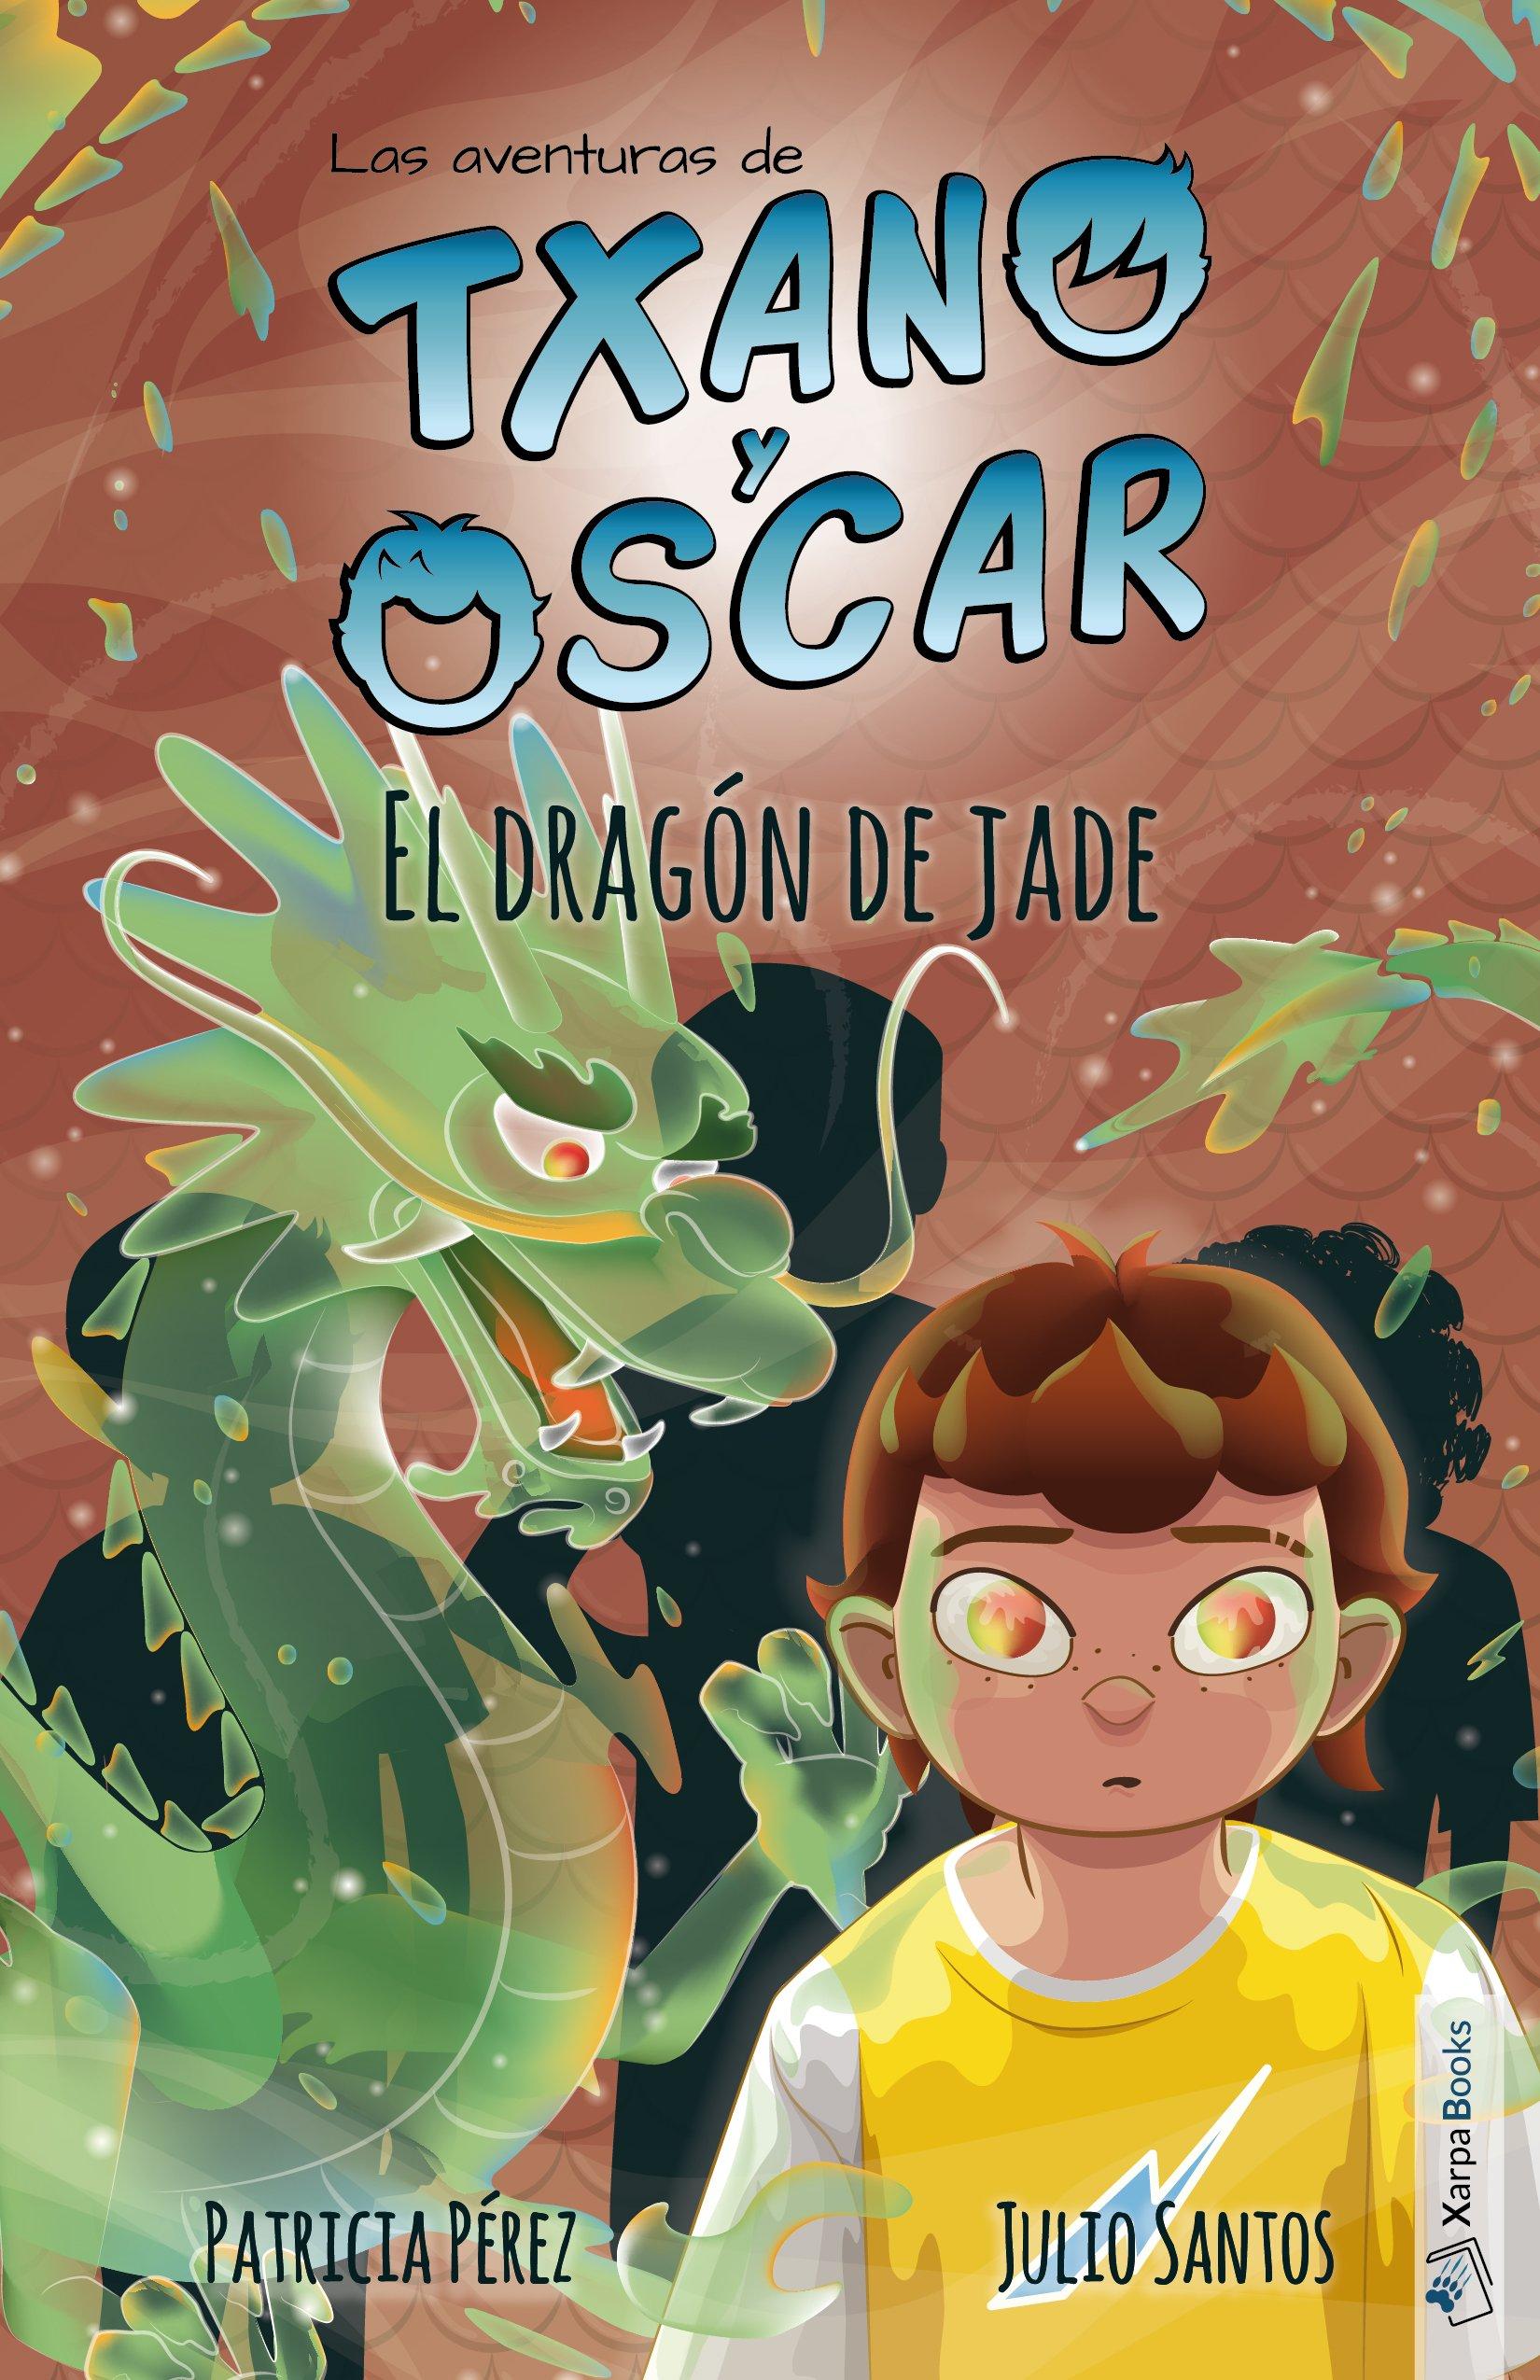 El dragón de jade: Las aventuras de Txano y Óscar: Amazon.es: Julio Santos  García, Patricia Pérez Redondo: Libros